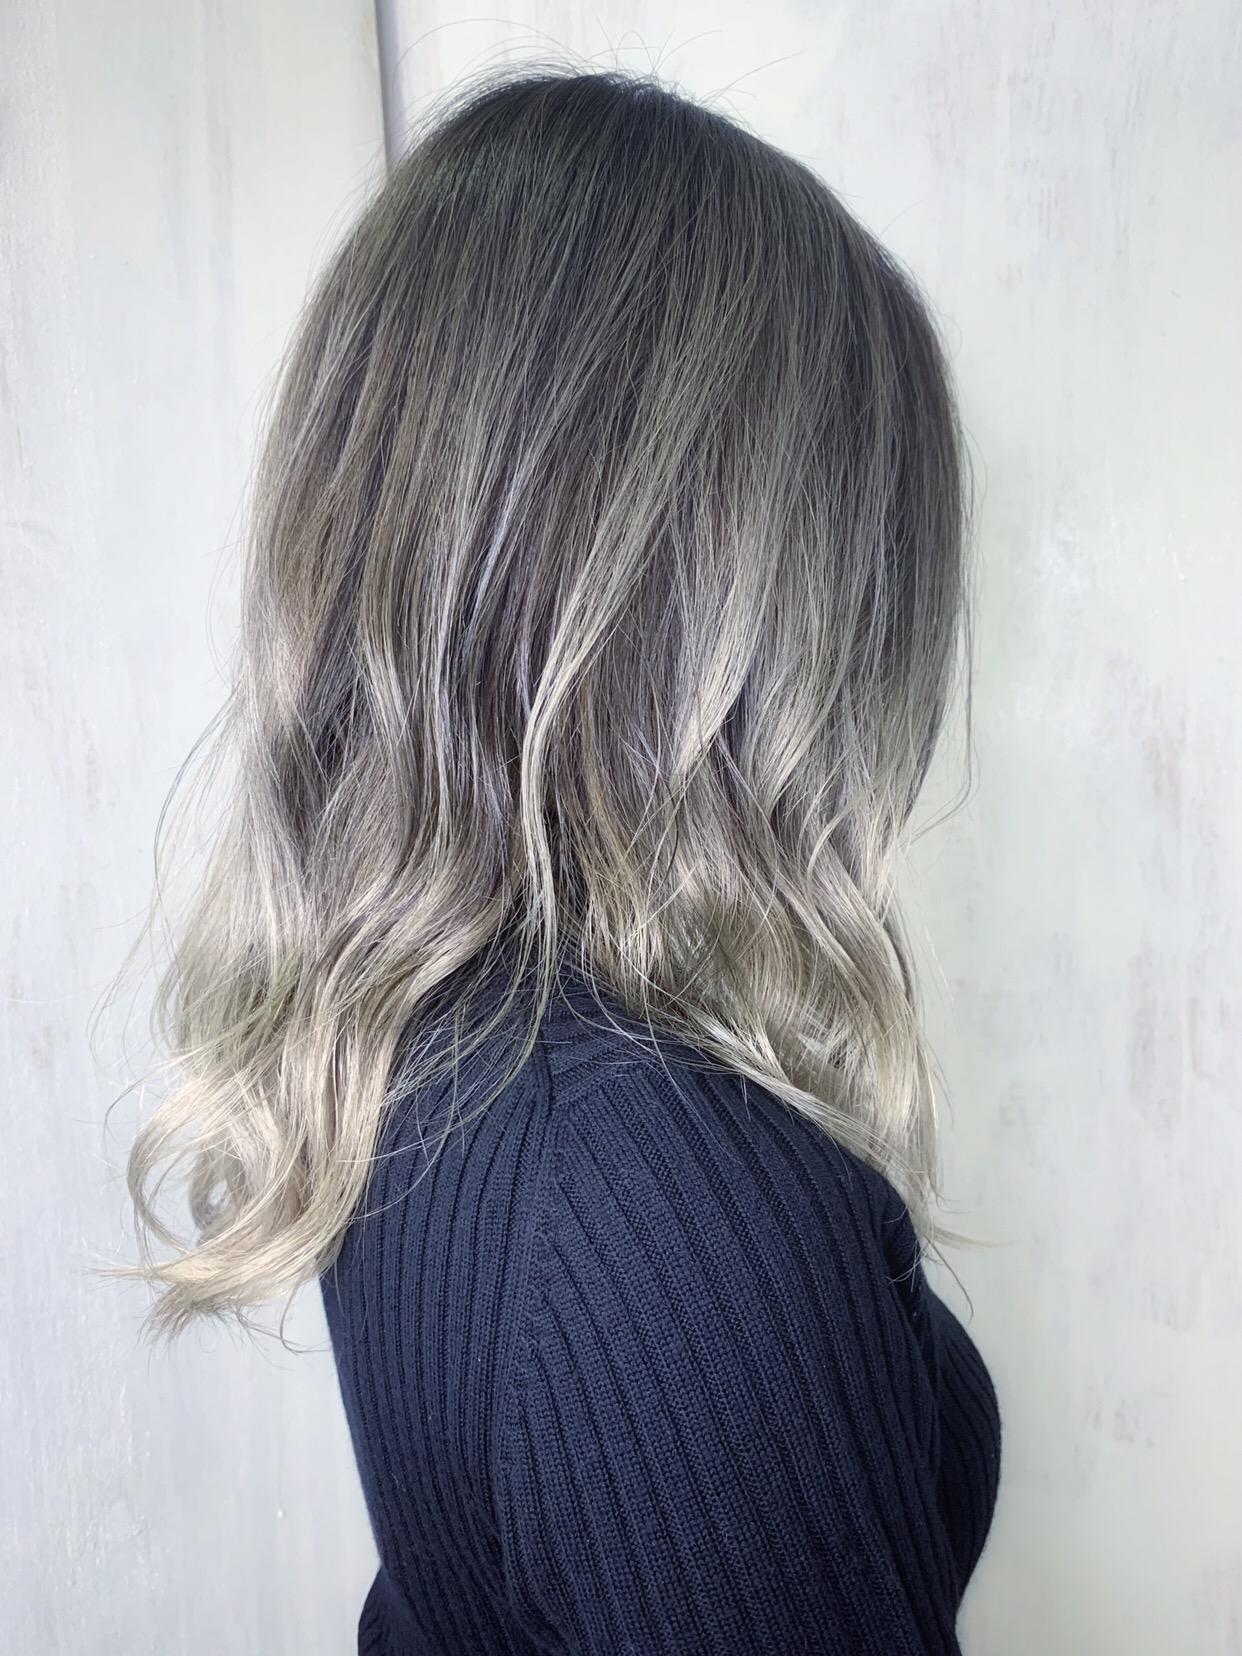 オレオルカラーを使ったグラデーションカラー。原宿・表参道『1000人をツヤ髪にヘアケア美容師の挑戦』